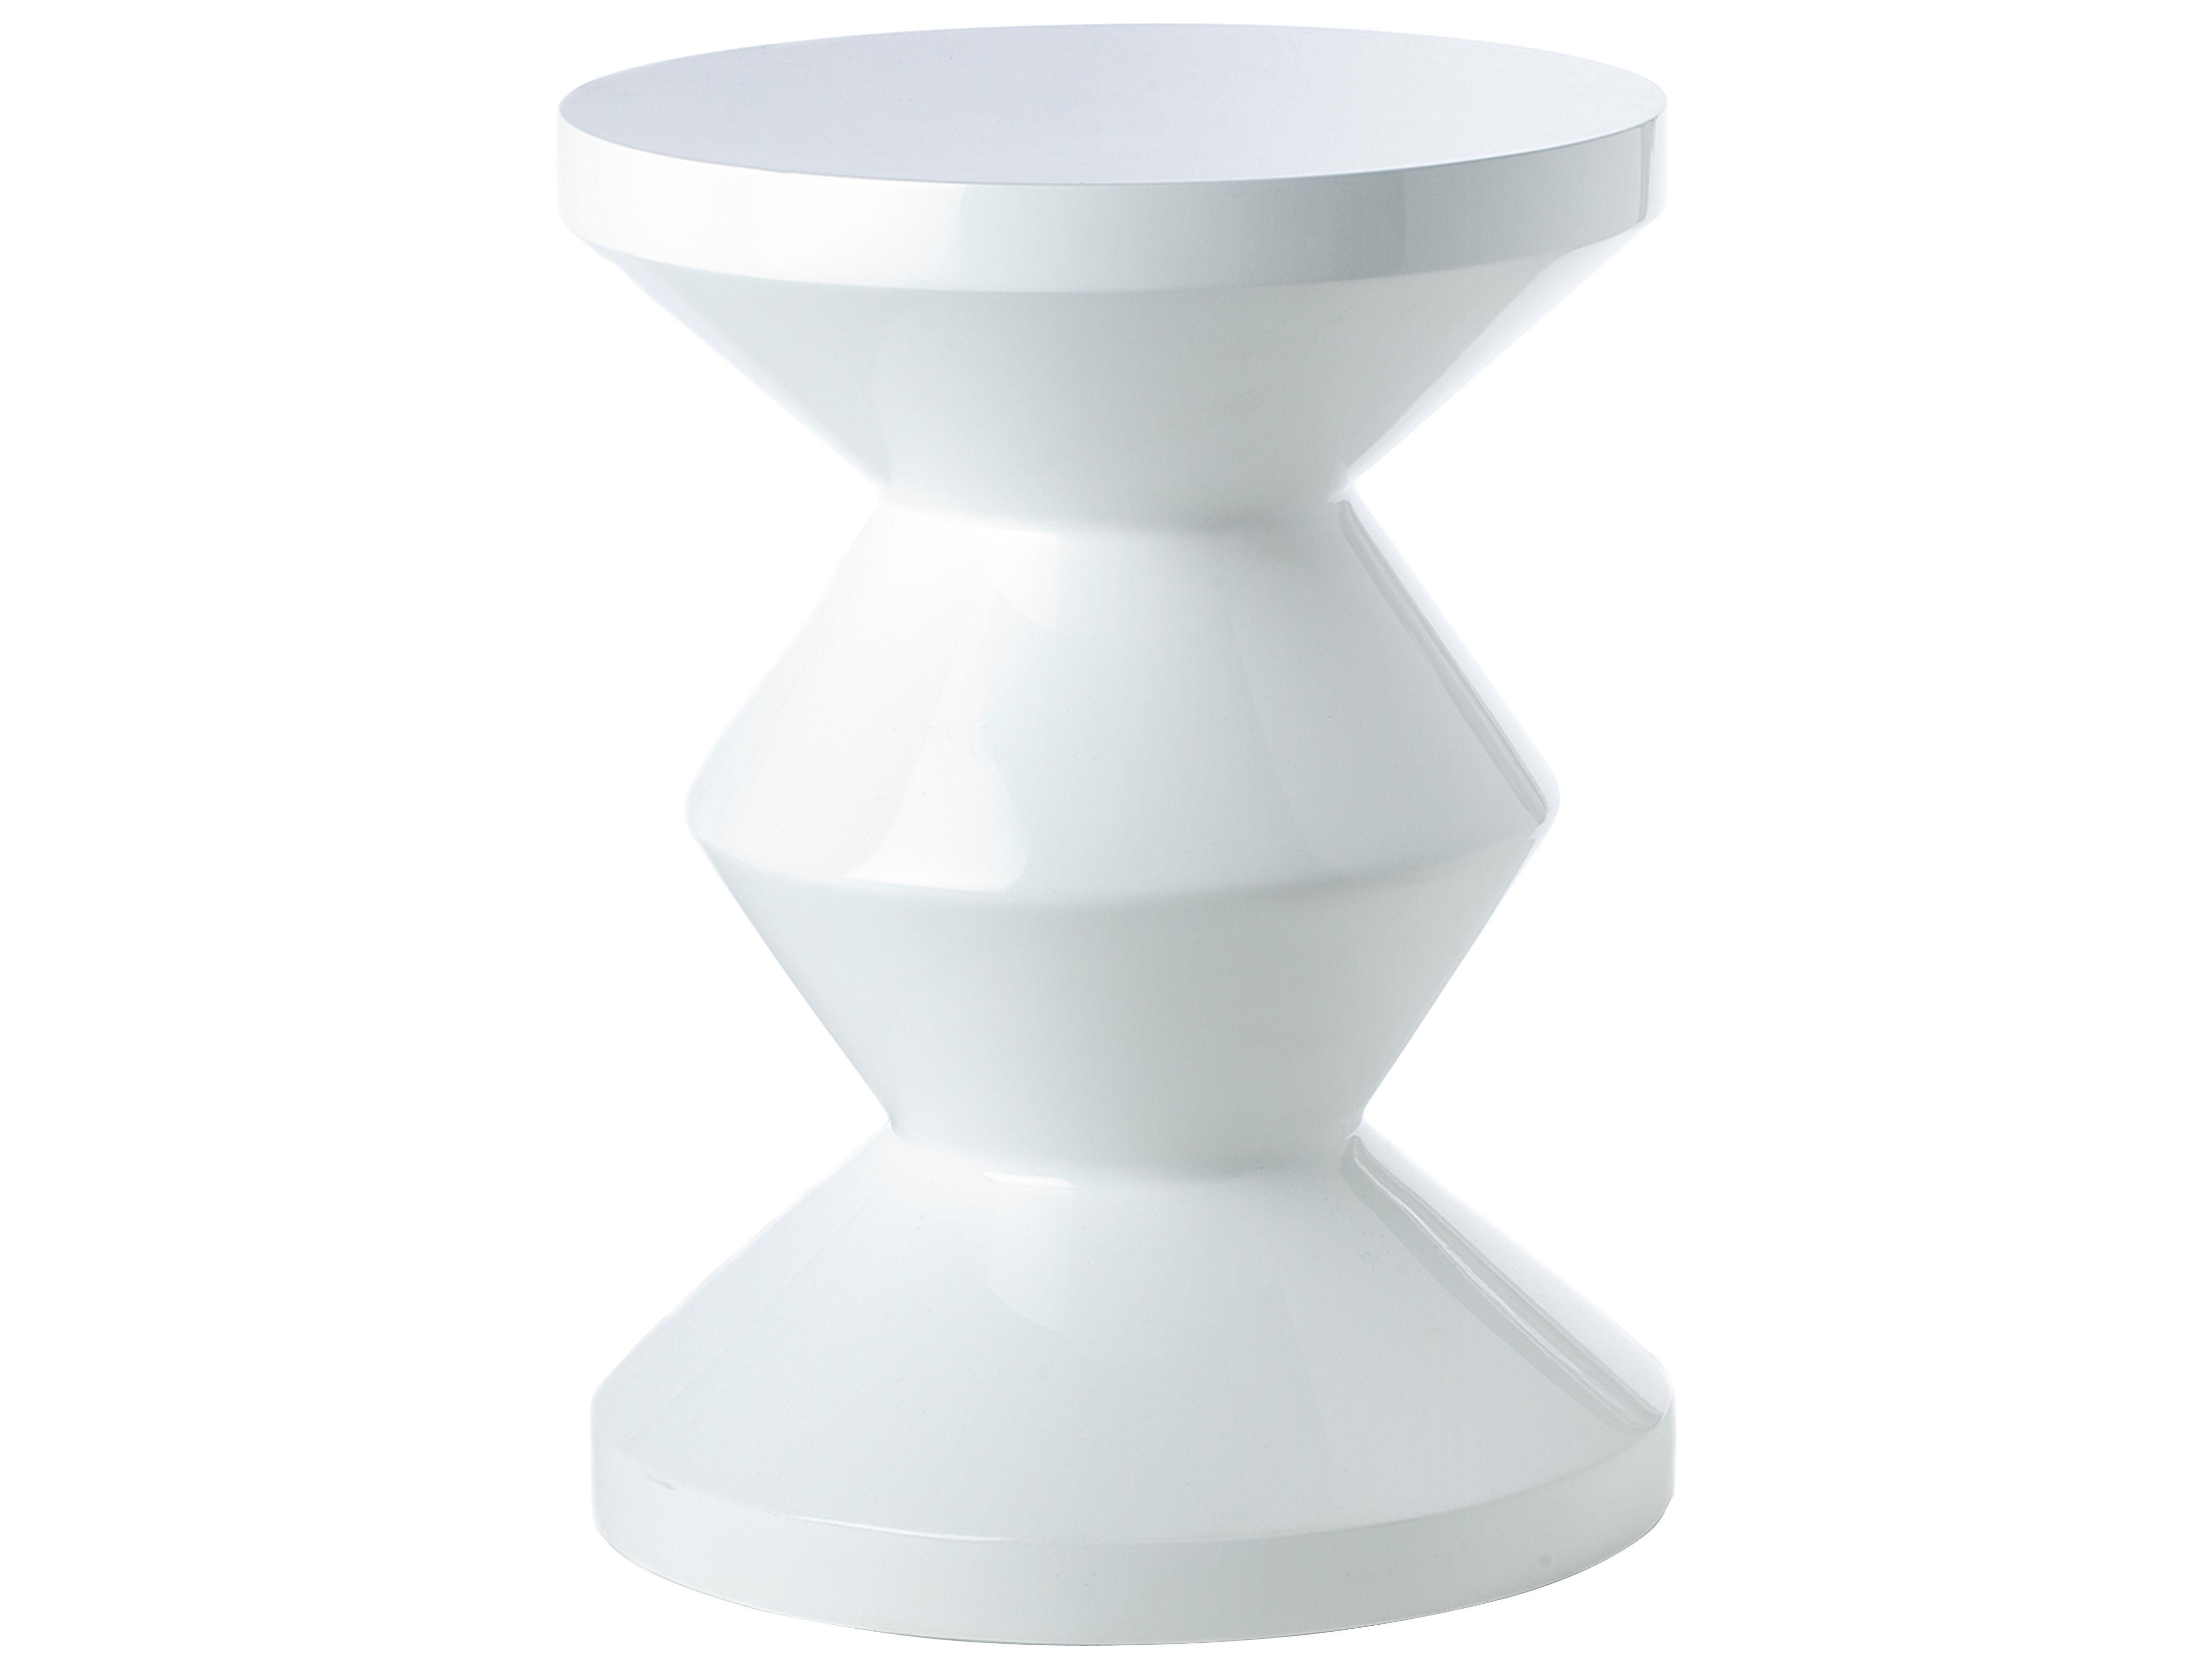 Mobilier - Tabourets bas - Tabouret Zig Zag / Plastique - Pols Potten - Blanc - Polyester laqué